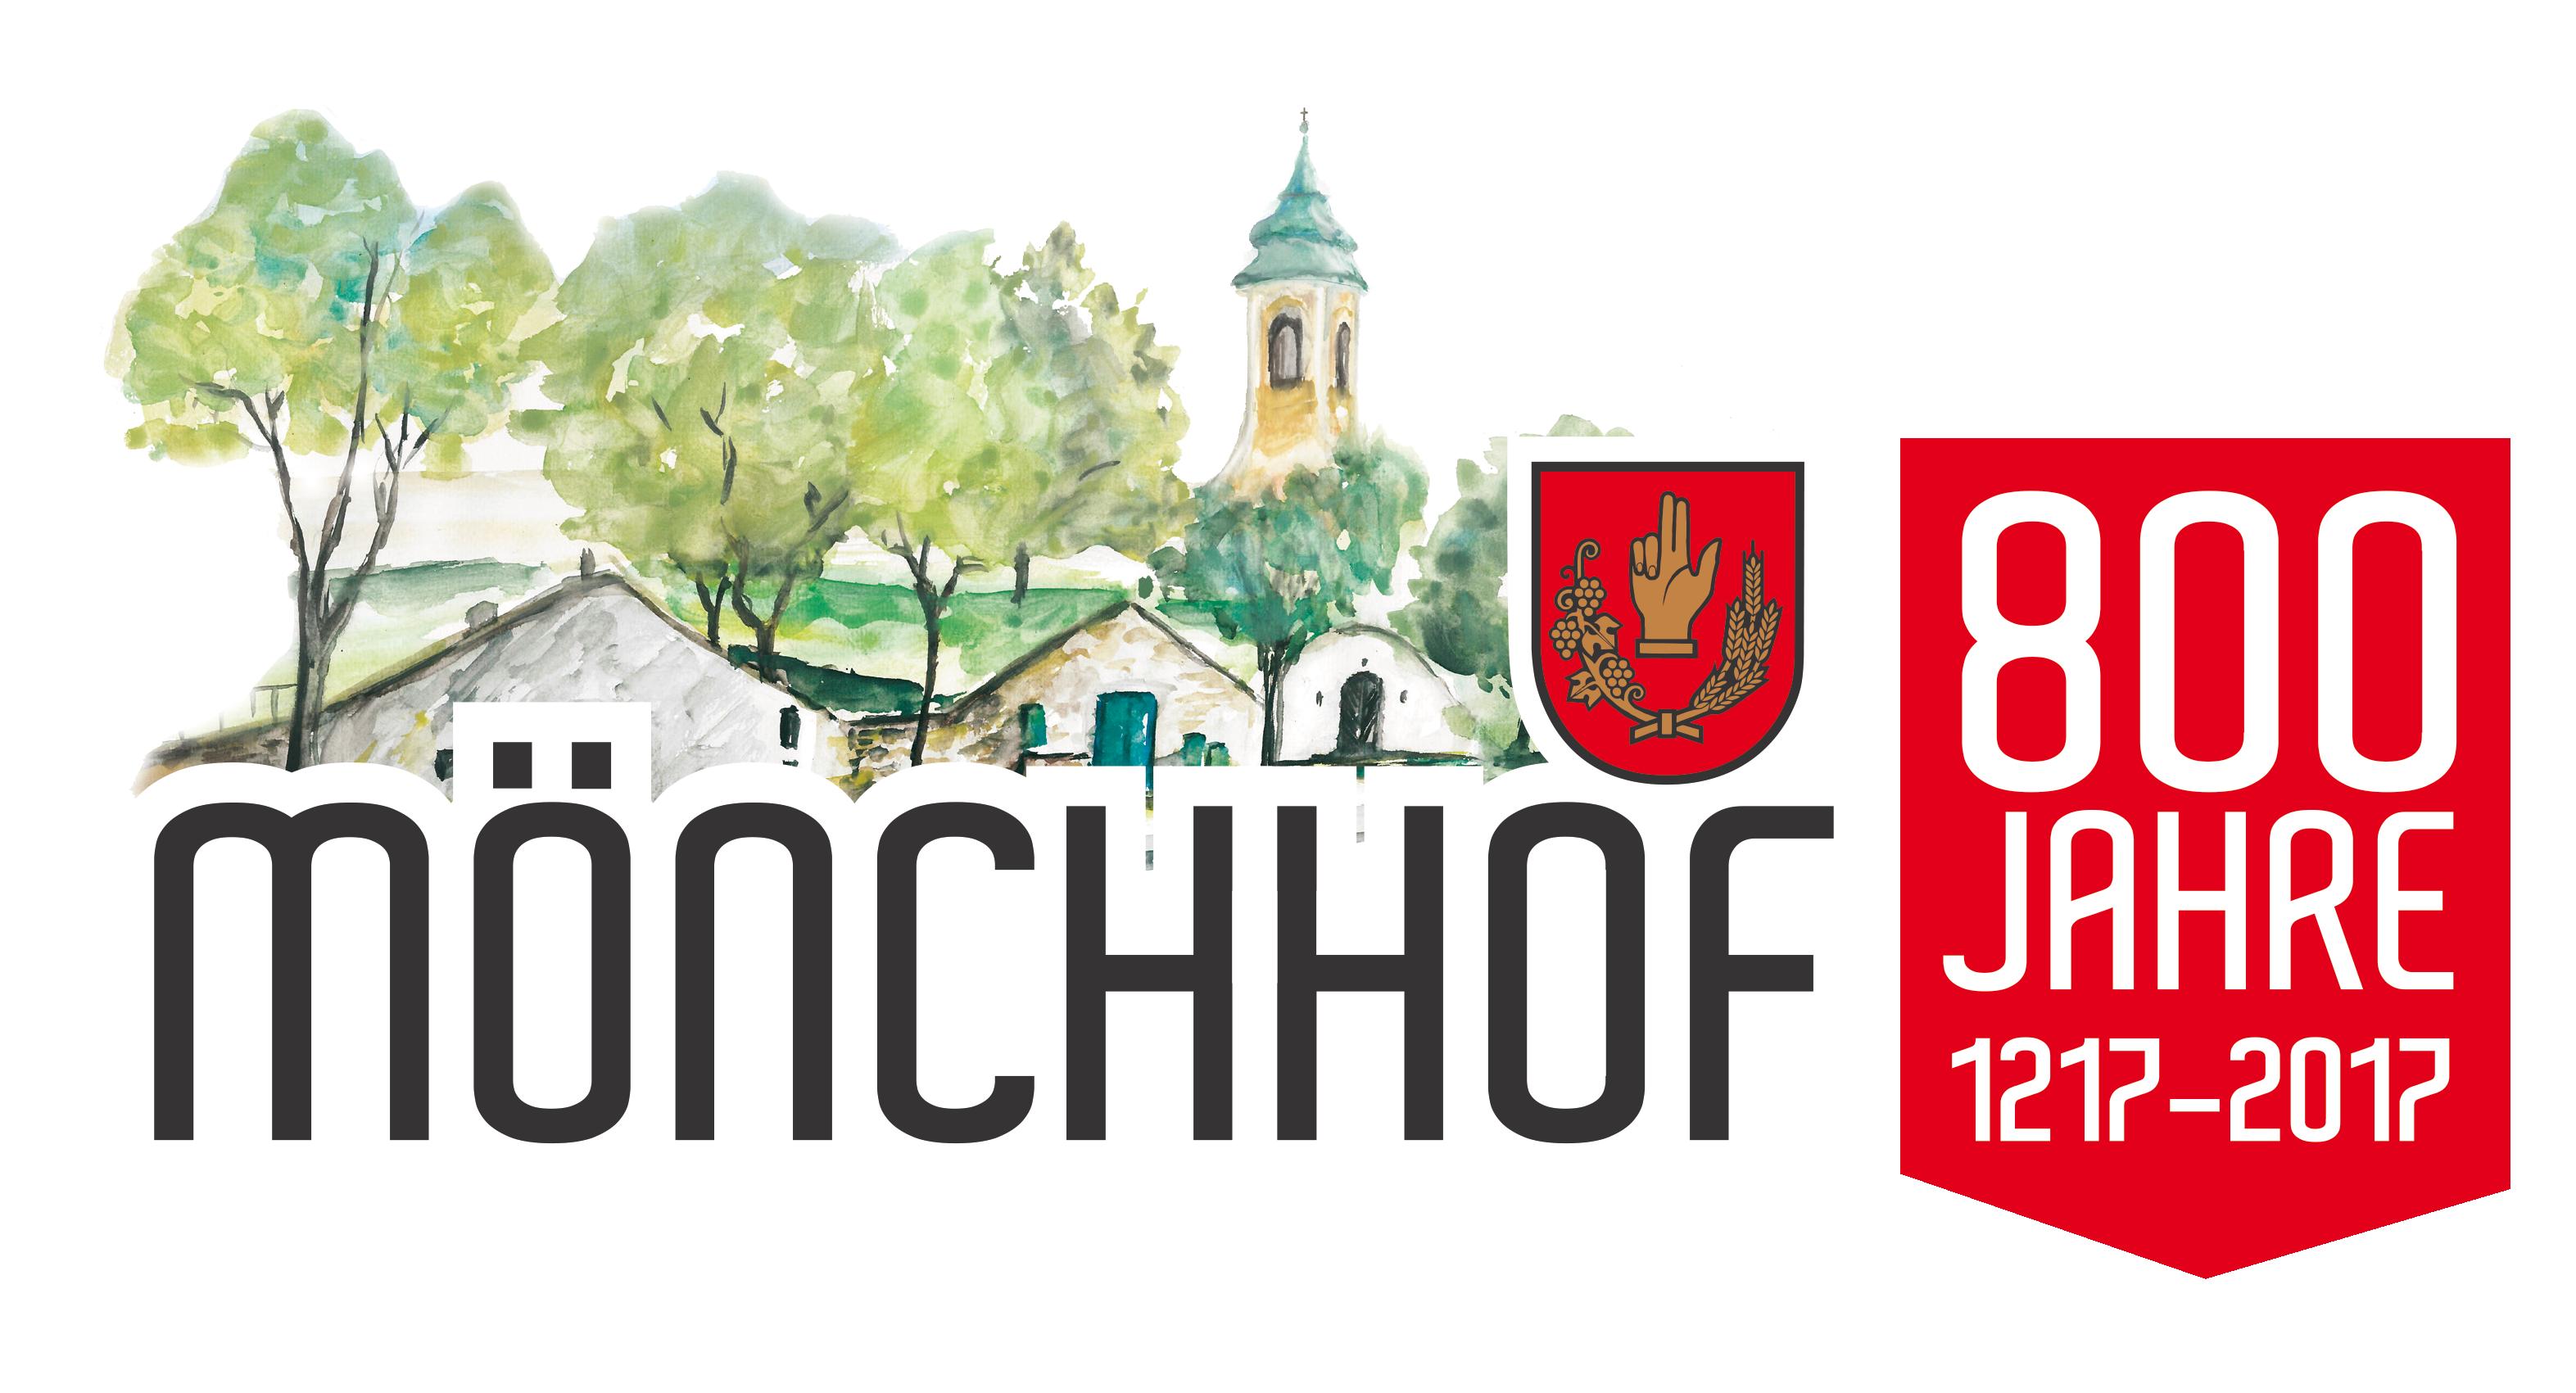 2017 das Jubiläumsjahr der Gemeinde Mönchhof